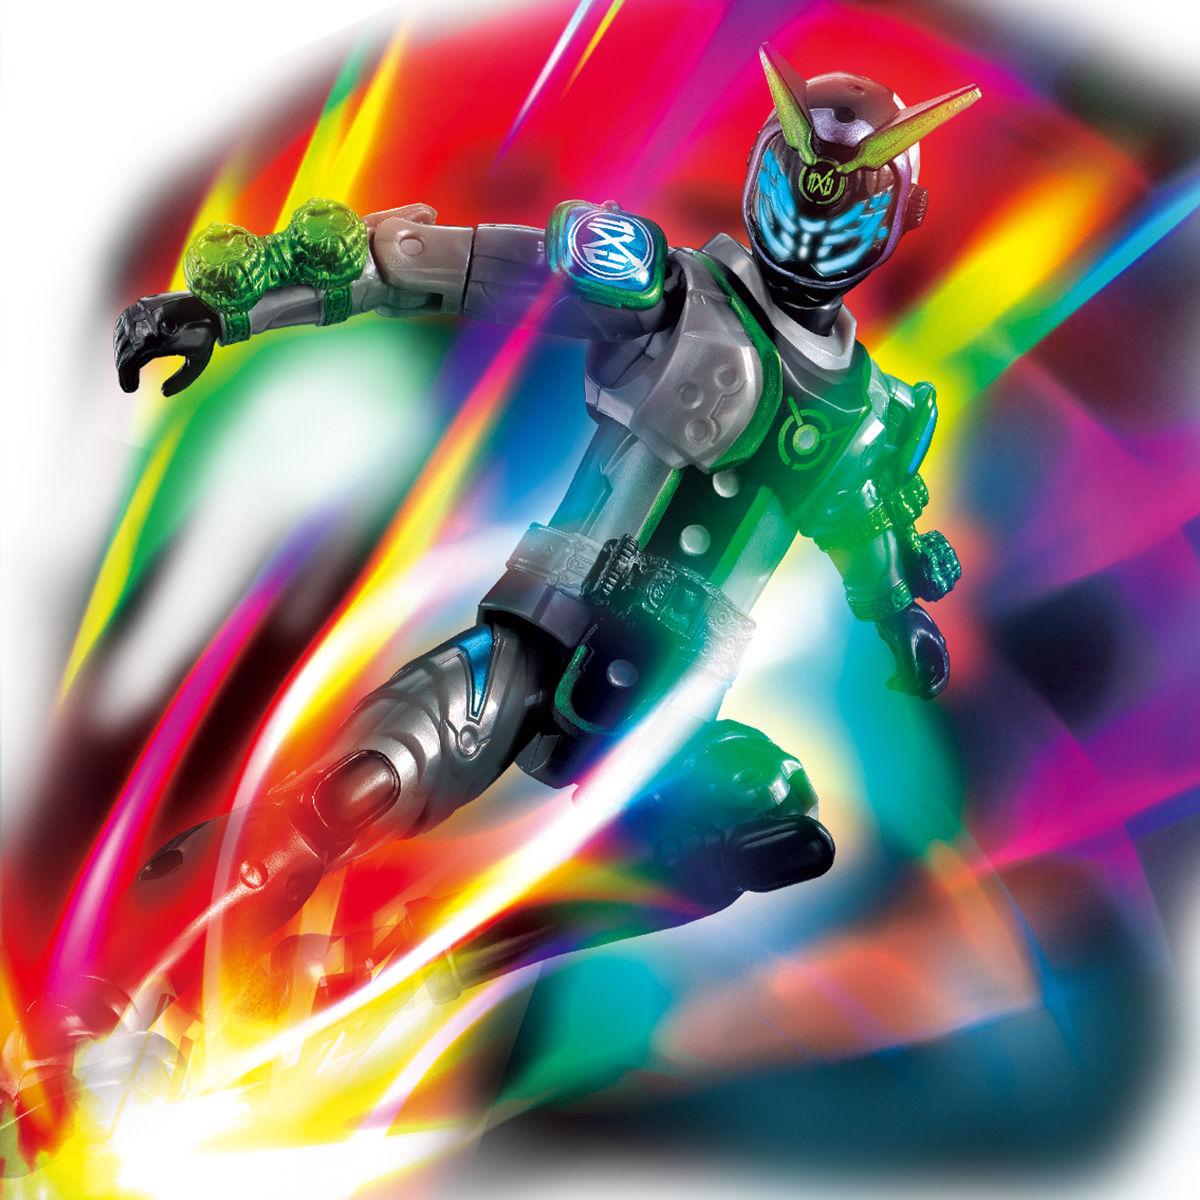 RKFライダーアーマーシリーズ『仮面ライダーウォズ』仮面ライダージオウ 可動フィギュア-006